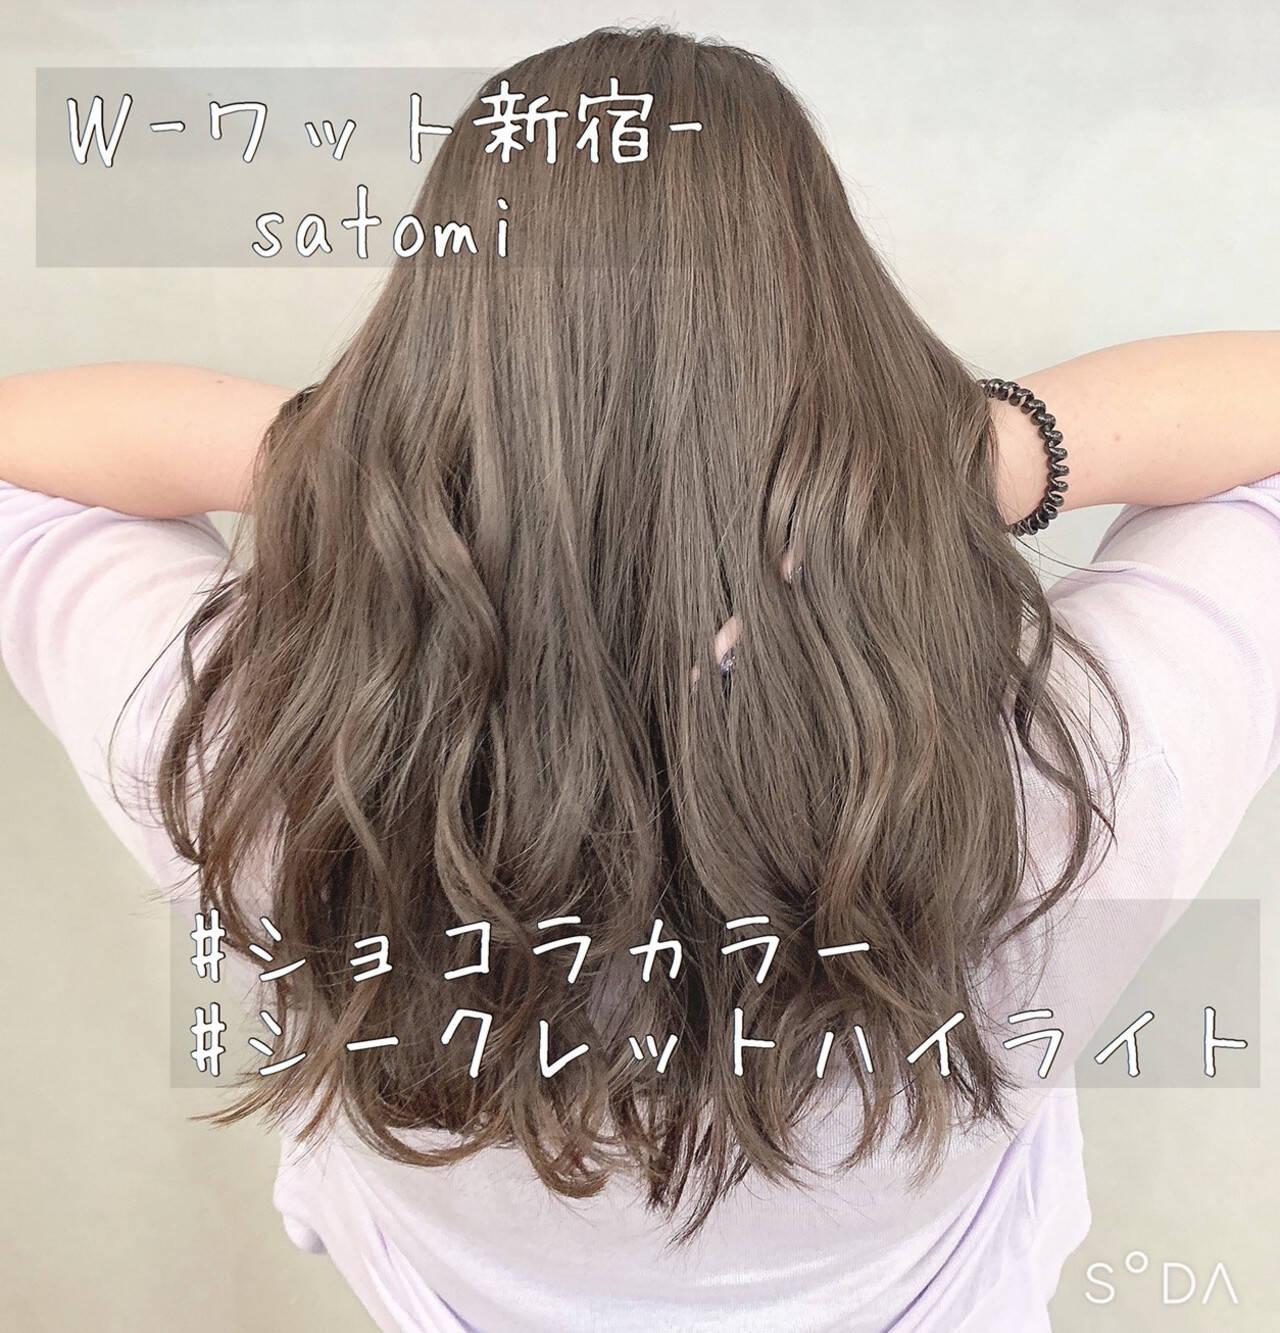 ベージュ グレージュ ピンクベージュ ハイライトヘアスタイルや髪型の写真・画像